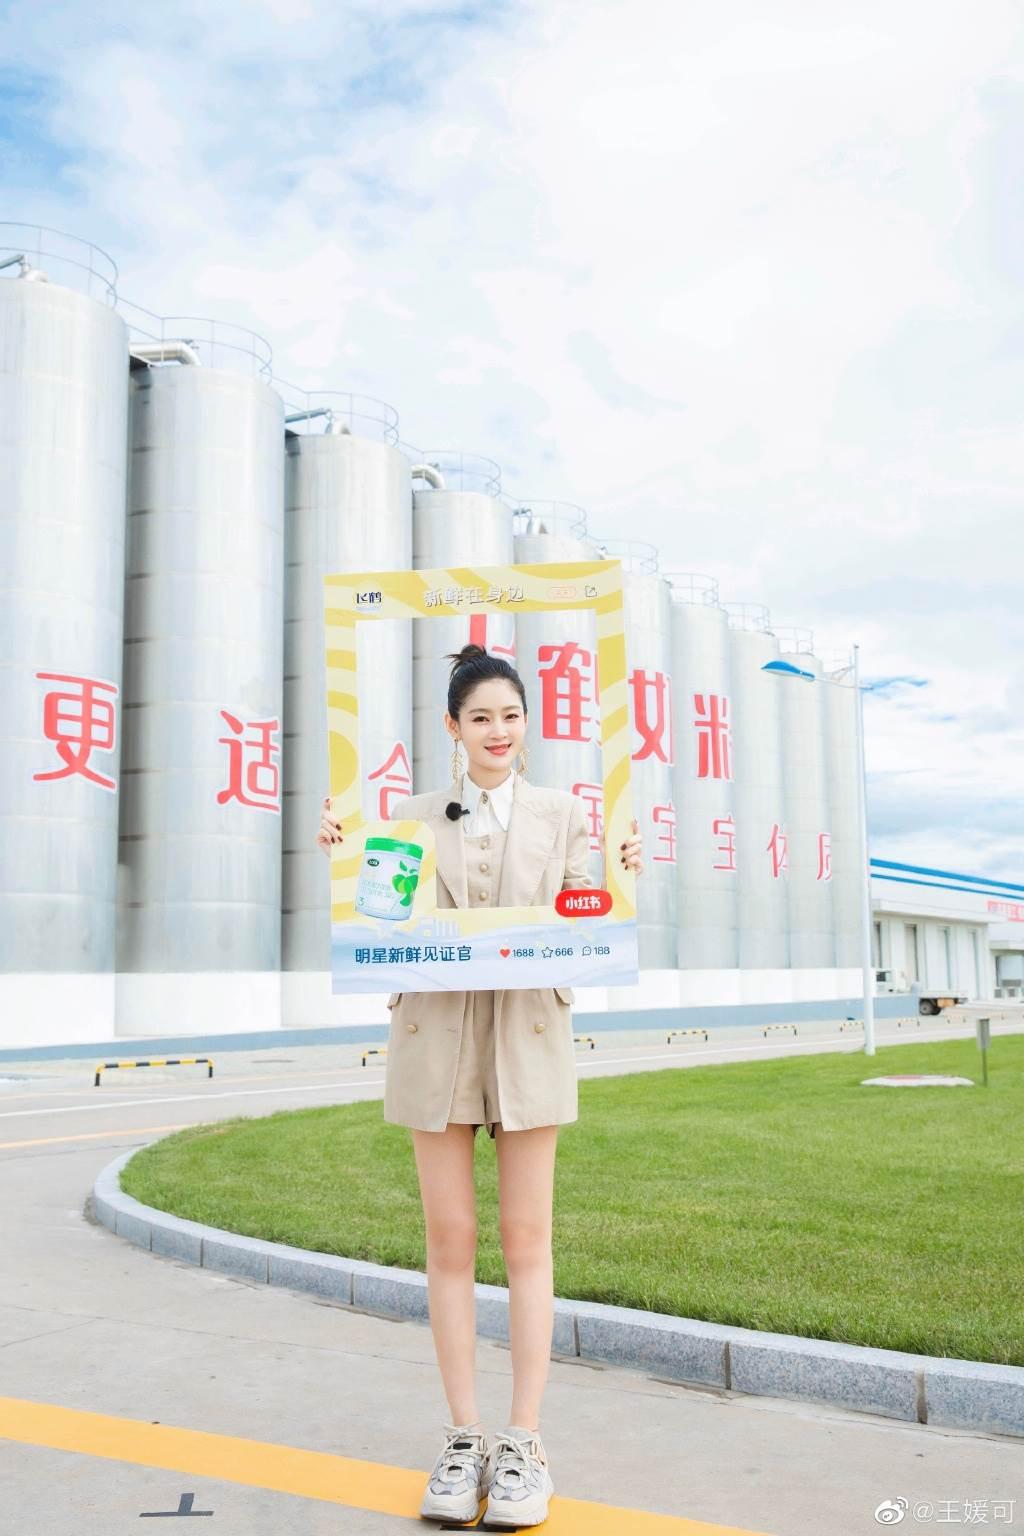 大陸女星王媛可發出一系列「仙鹤寫真」,以發光的白皙美腿引發討論。(圖/摘自微博@王媛可)